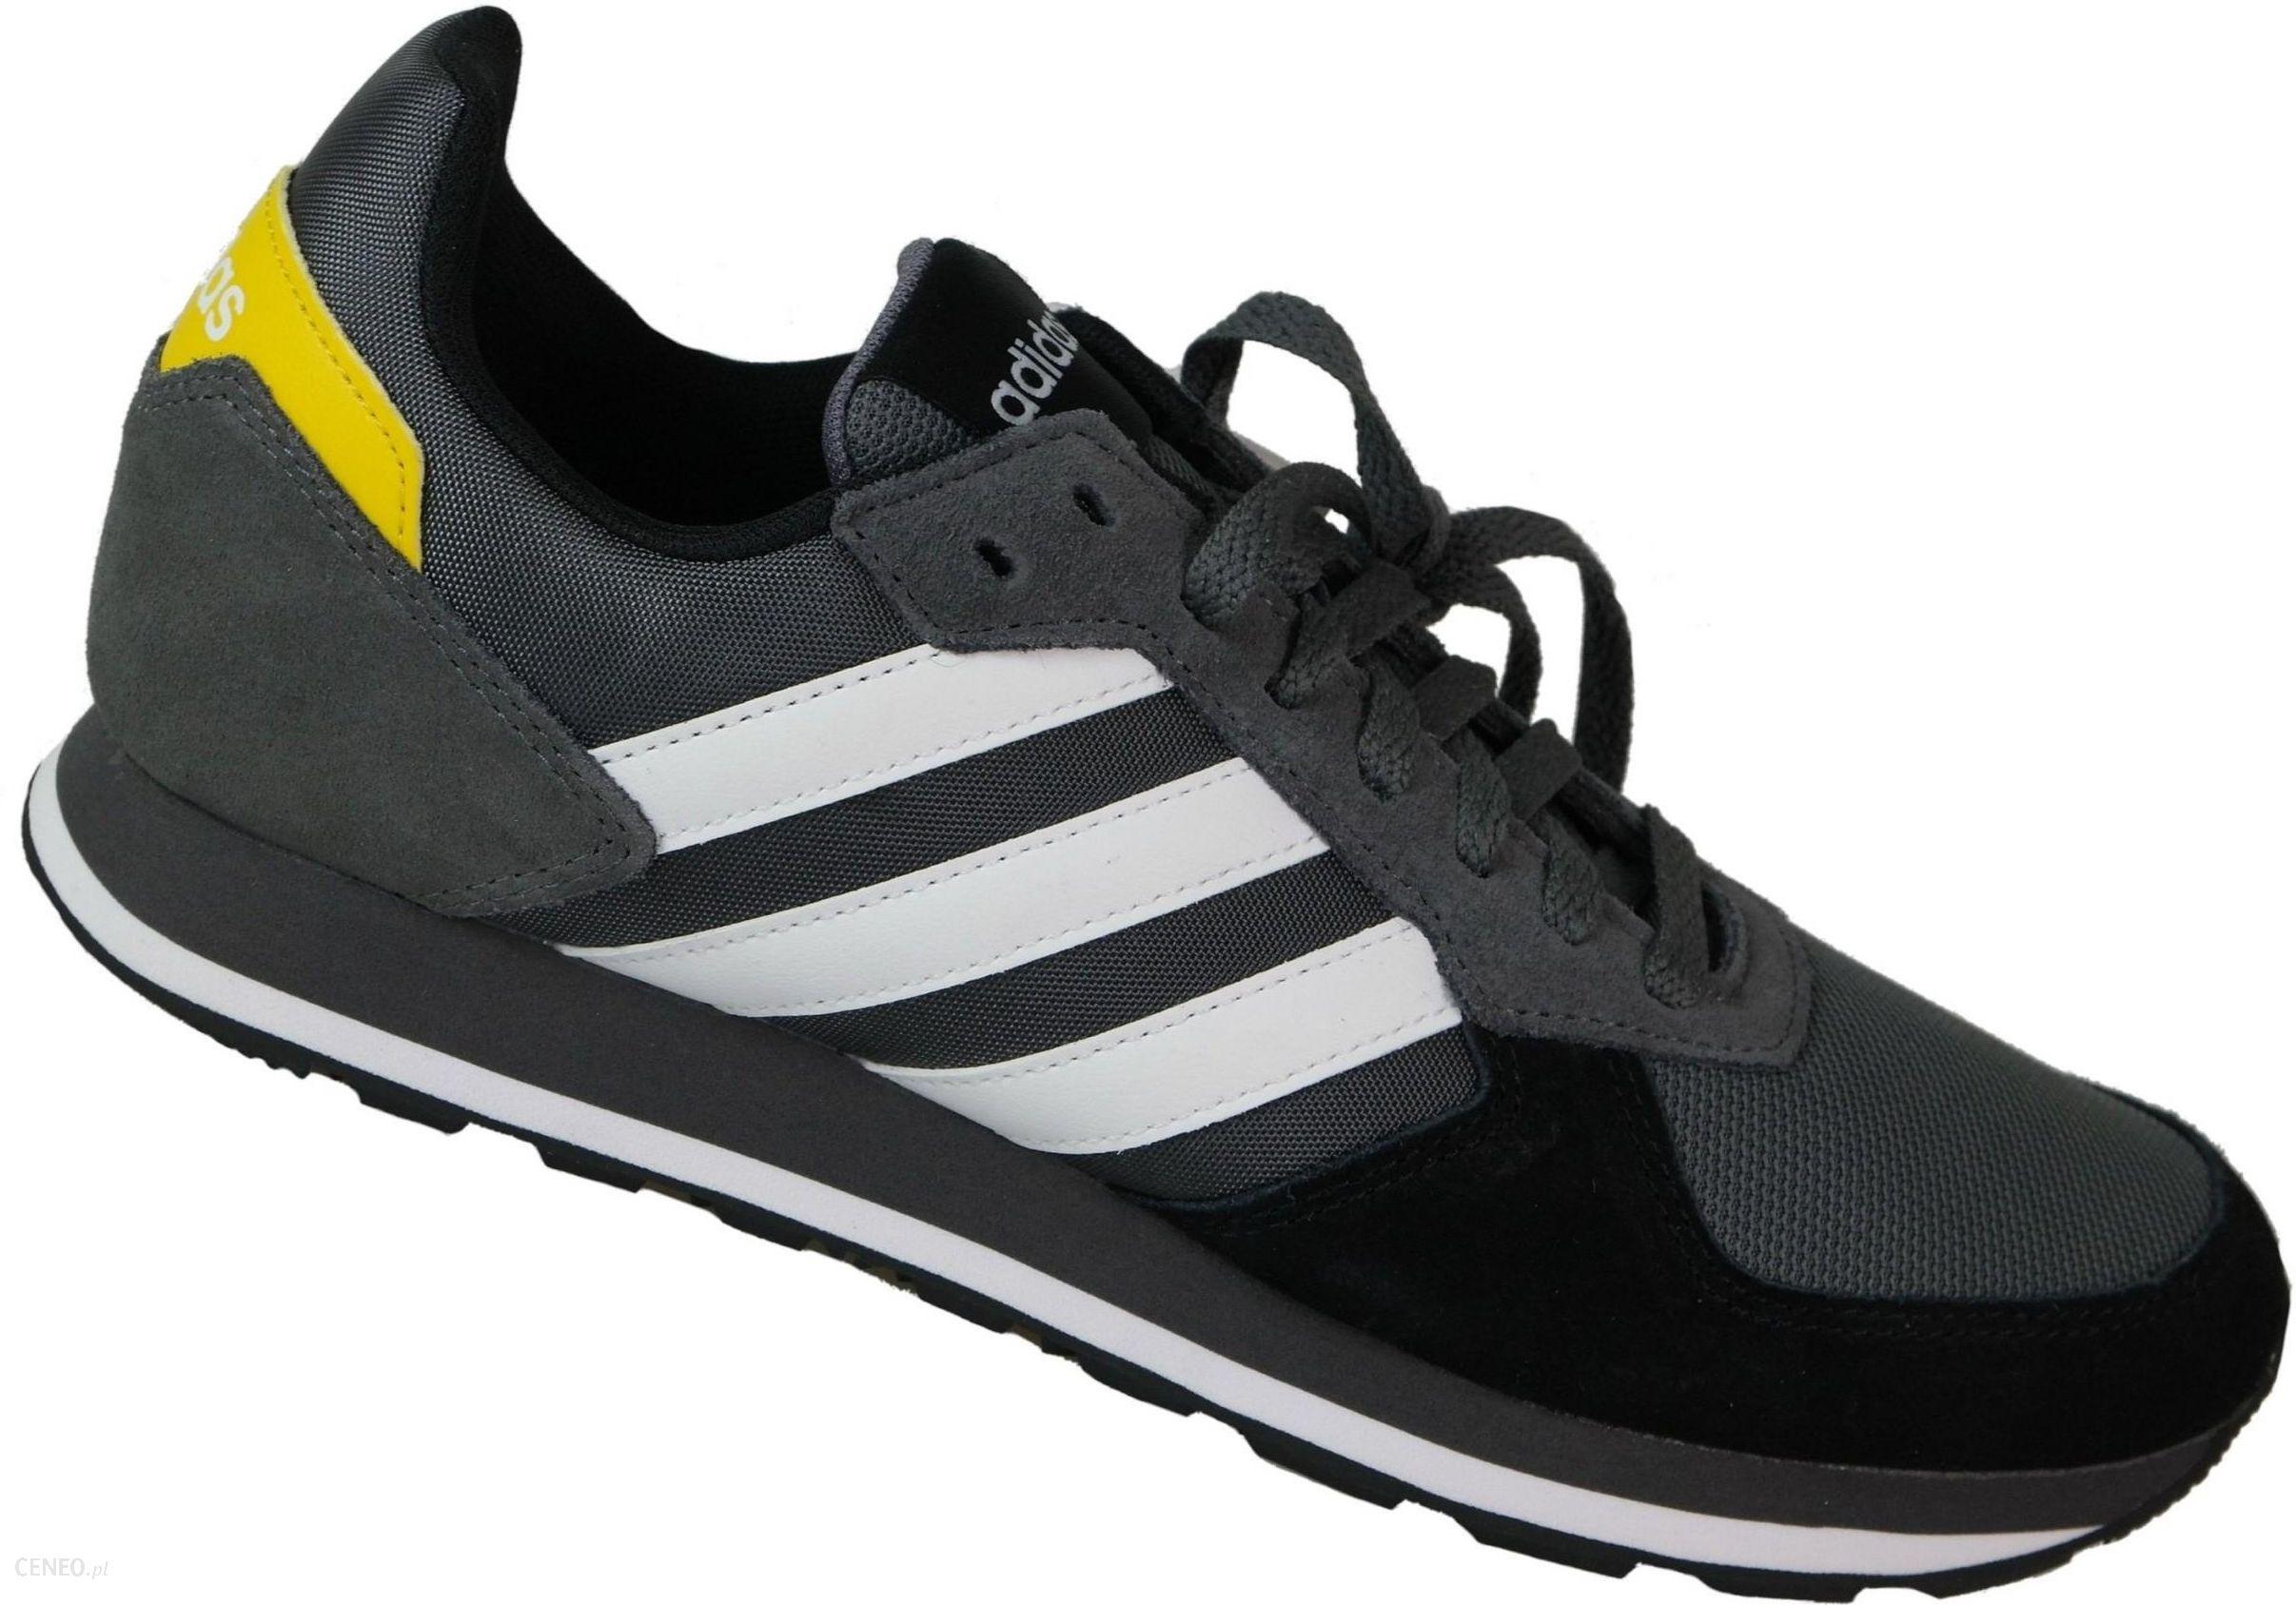 Adidas 8K DB1731 rozmiar 43,3 Ceny i opinie Ceneo.pl